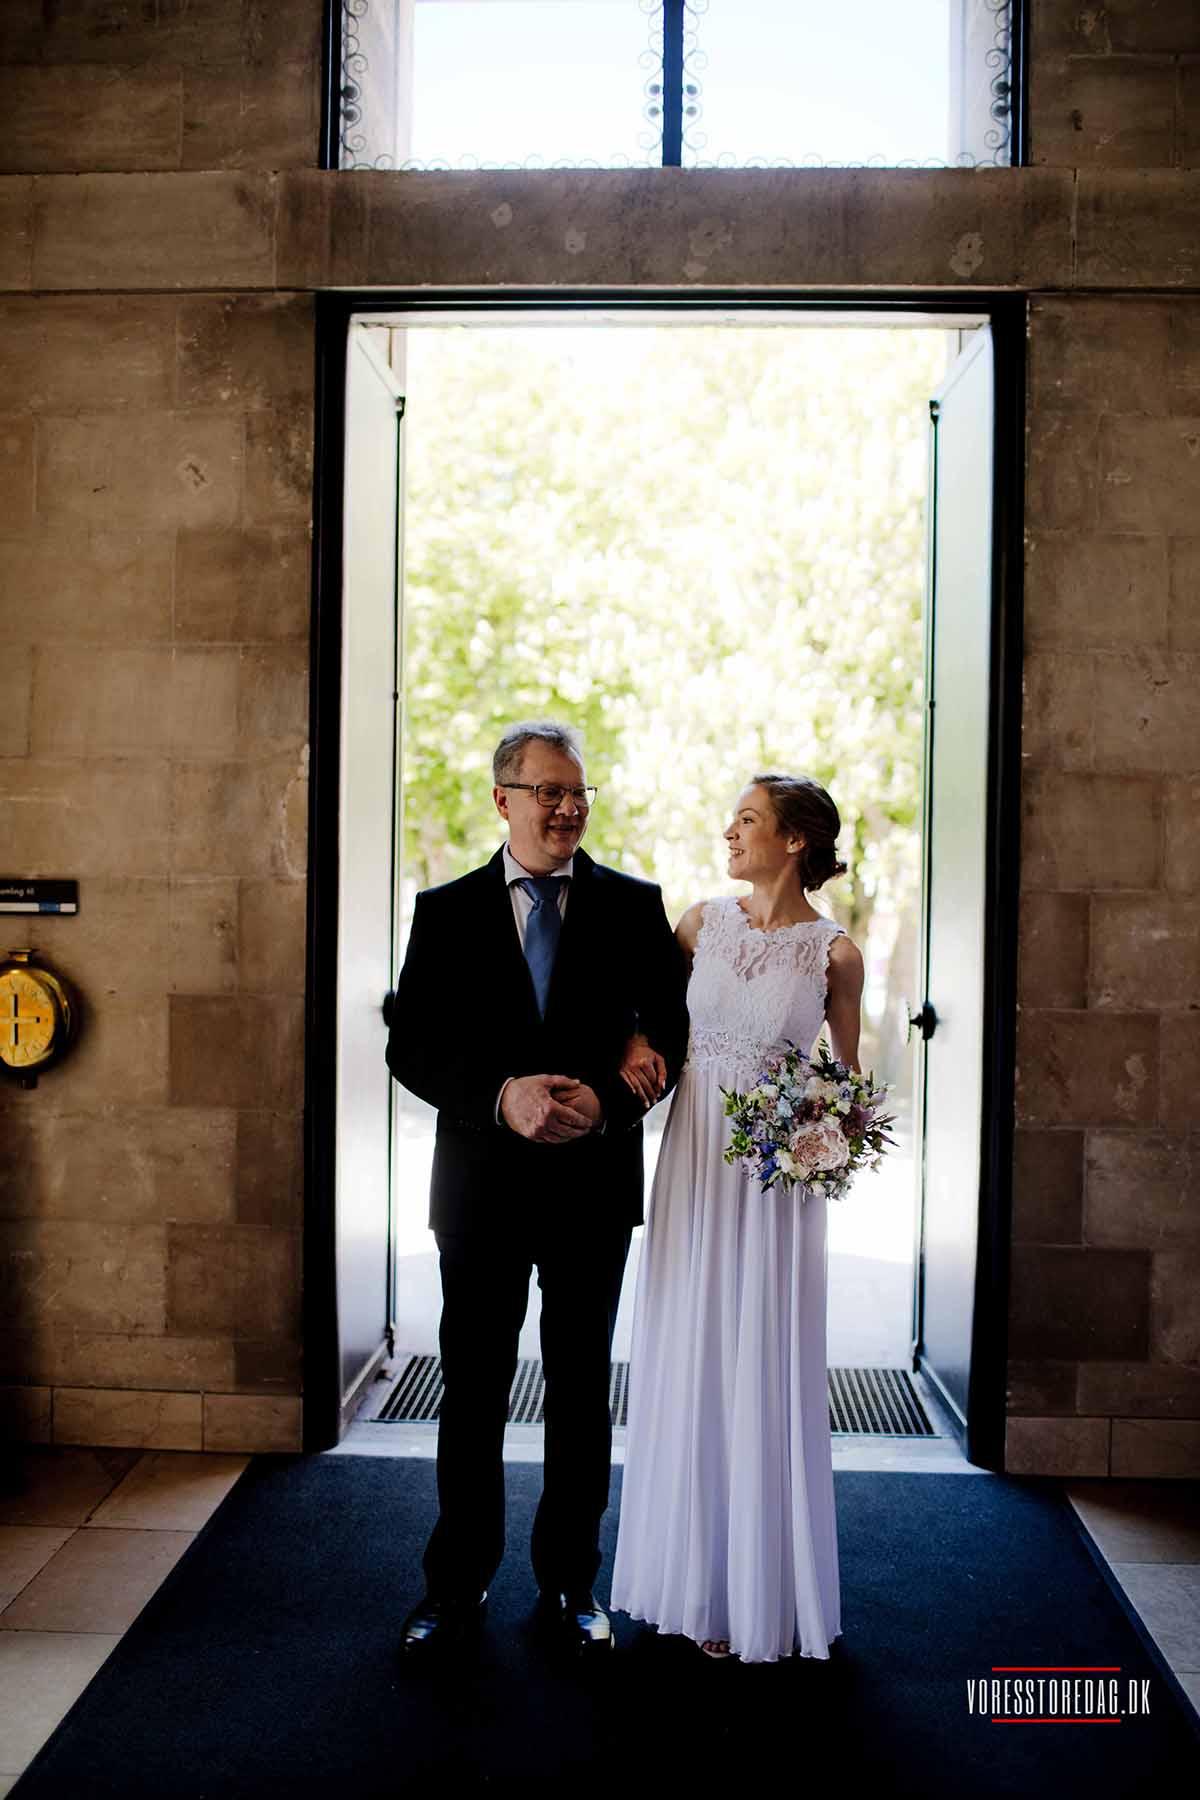 Bryllupslokaler i romantisk herregårdsstil nær Århus